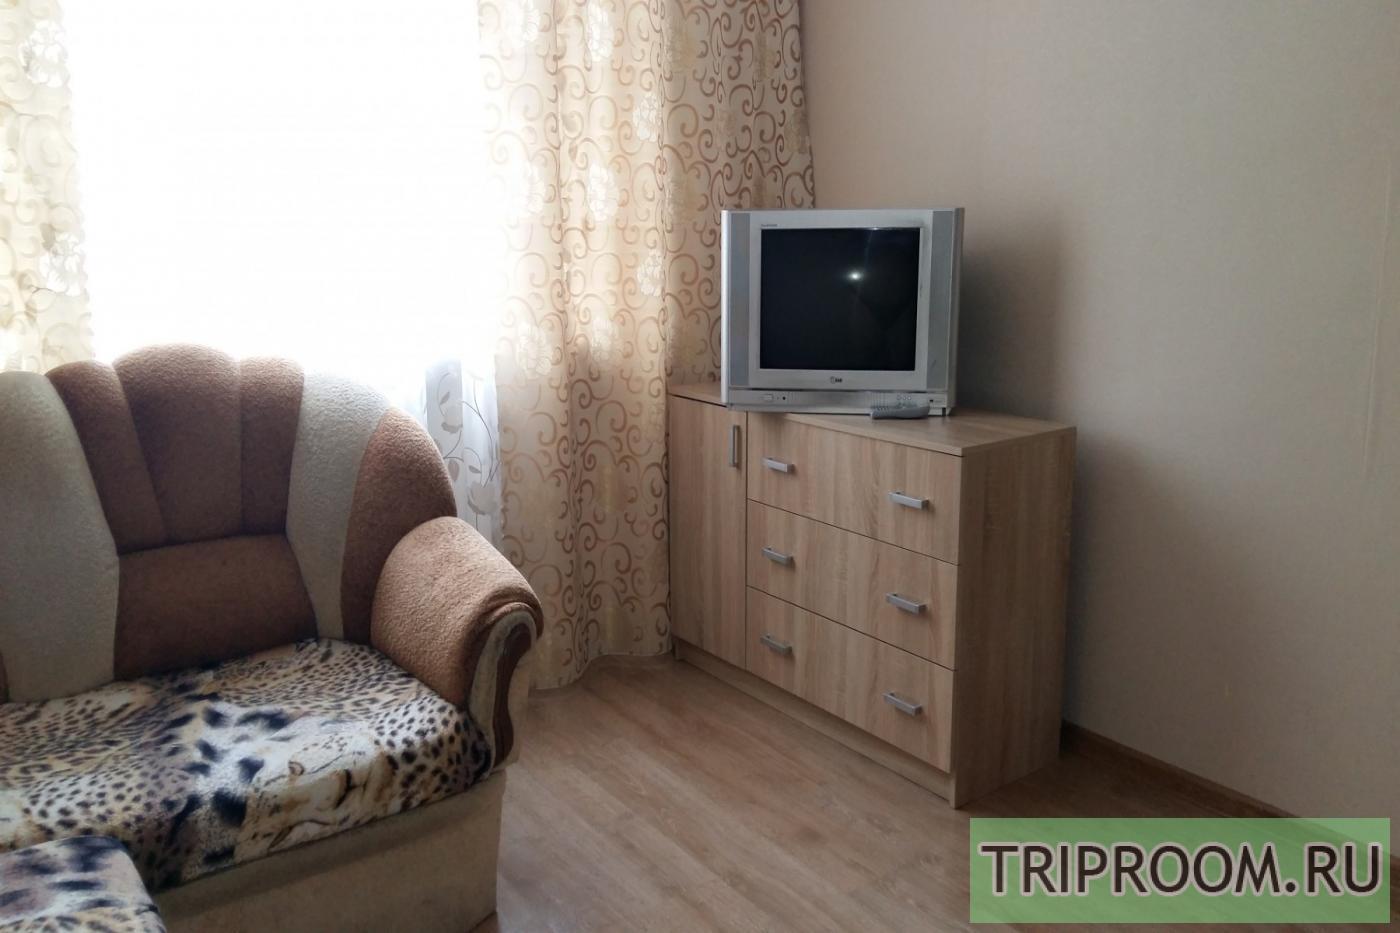 1-комнатная квартира посуточно (вариант № 22588), ул. Стара-Загора улица, фото № 7